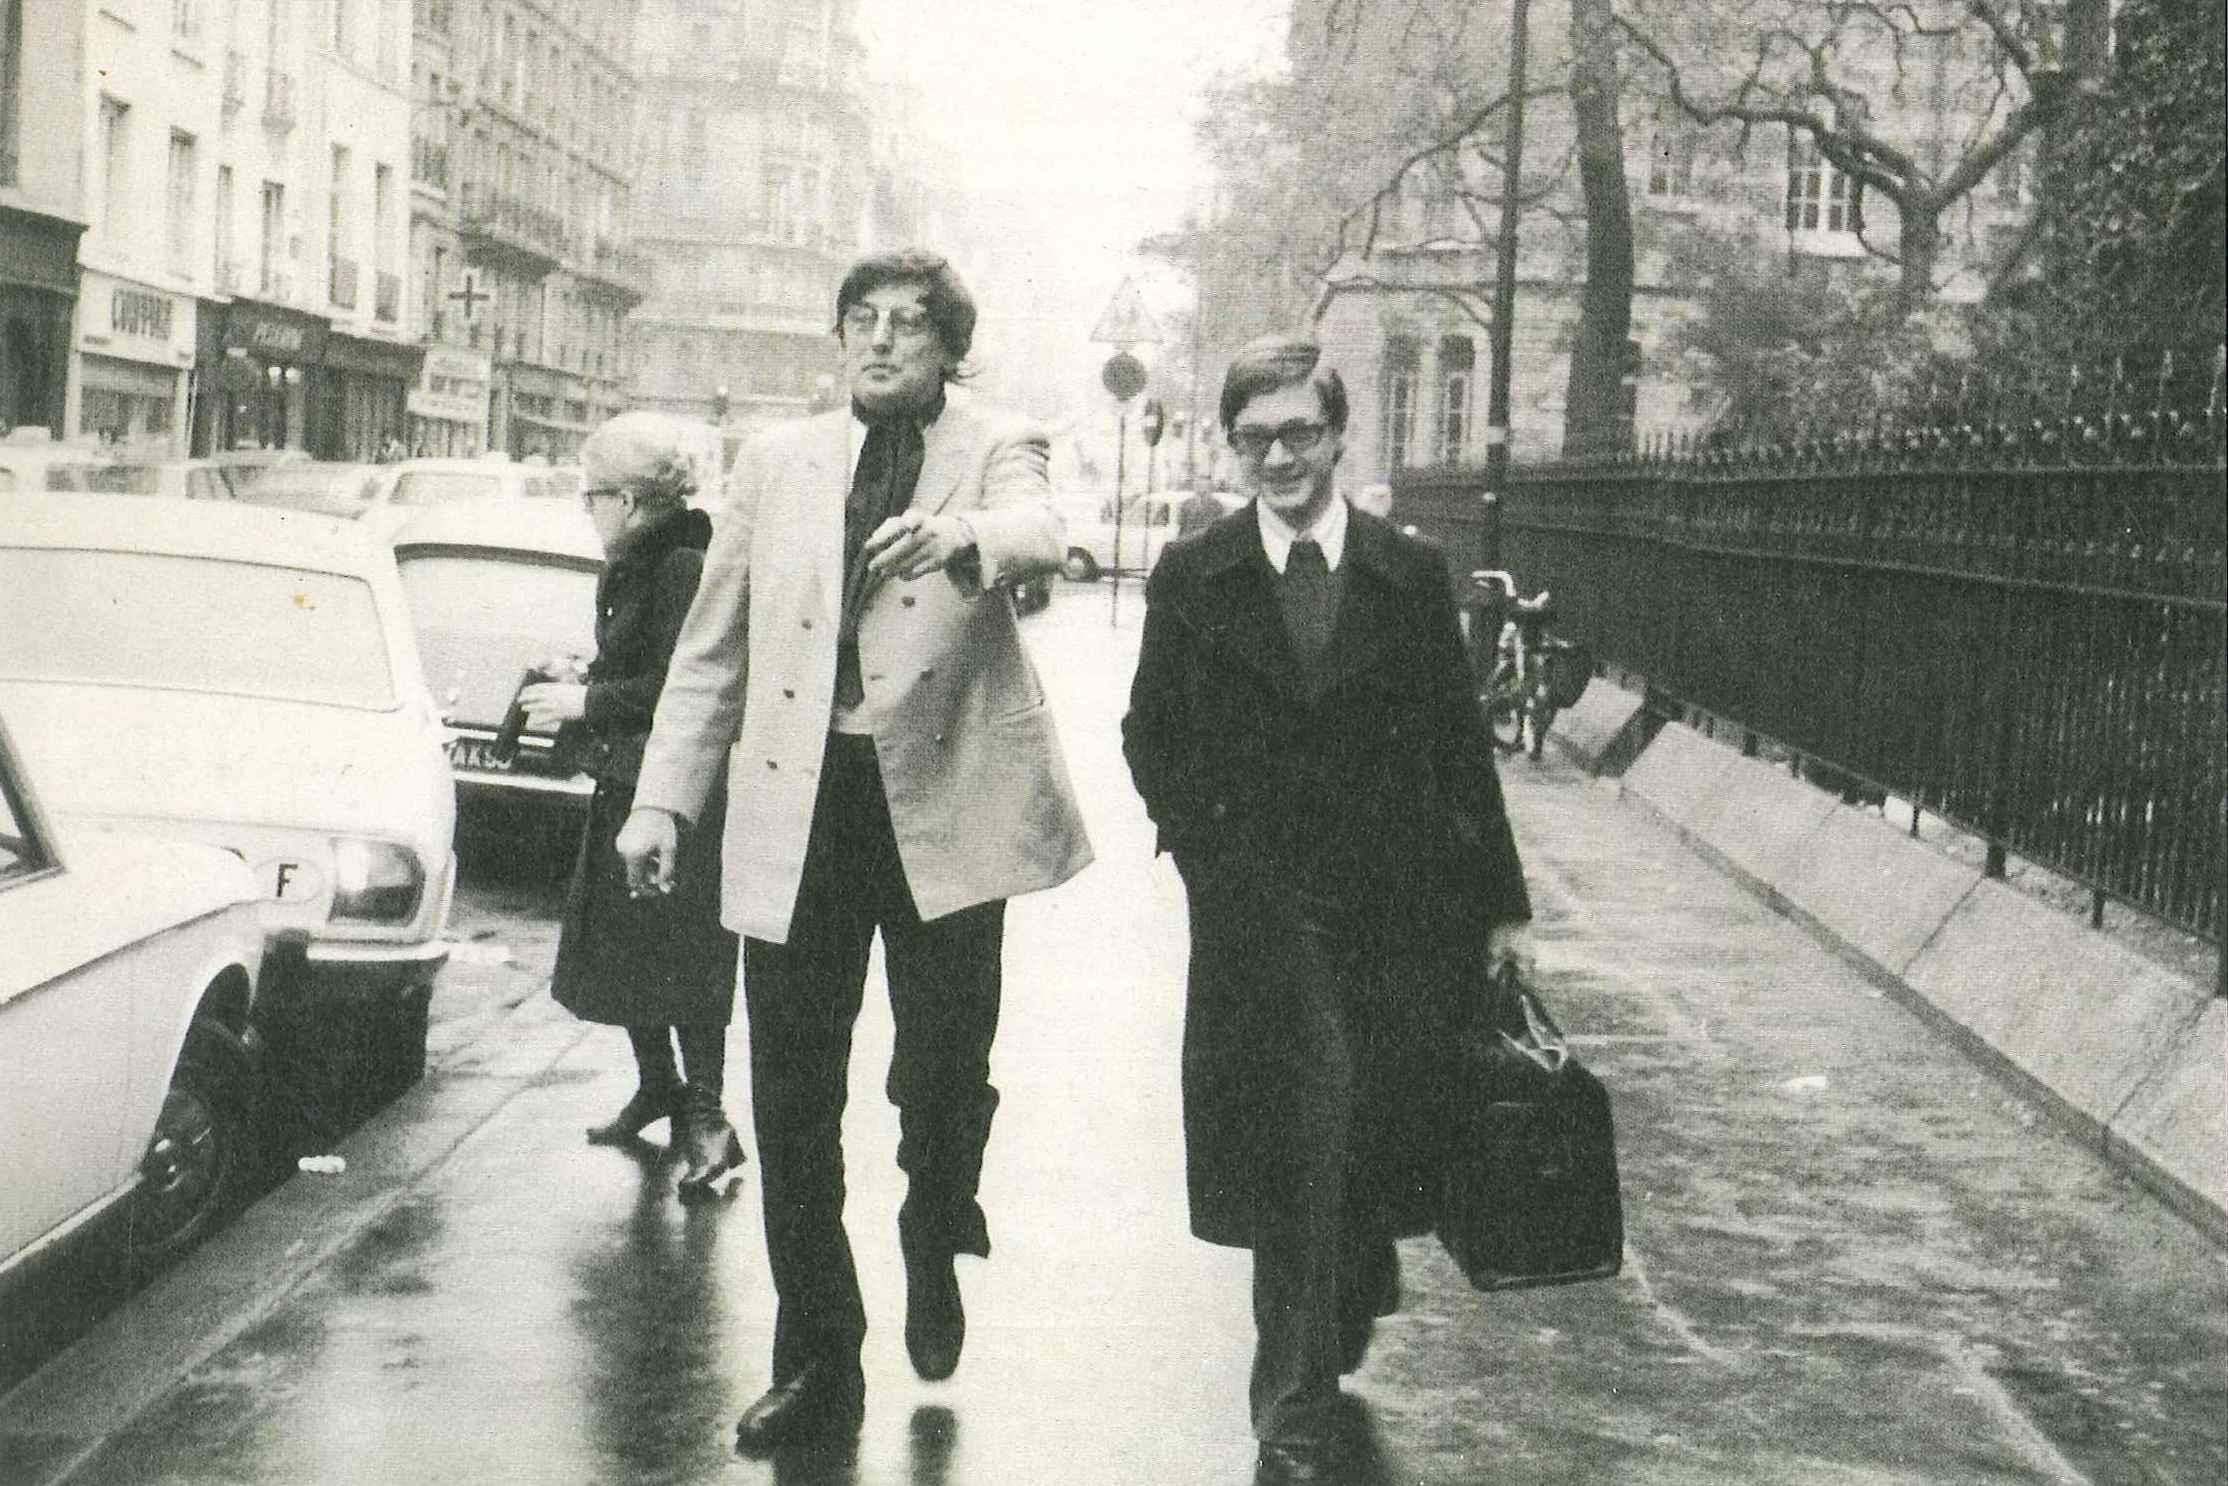 """André Franquin et Jacques Glénat-Guttin, photo reprise dans """"Glénat, 30 ans d'édition"""" (1990) par Paul Herman"""